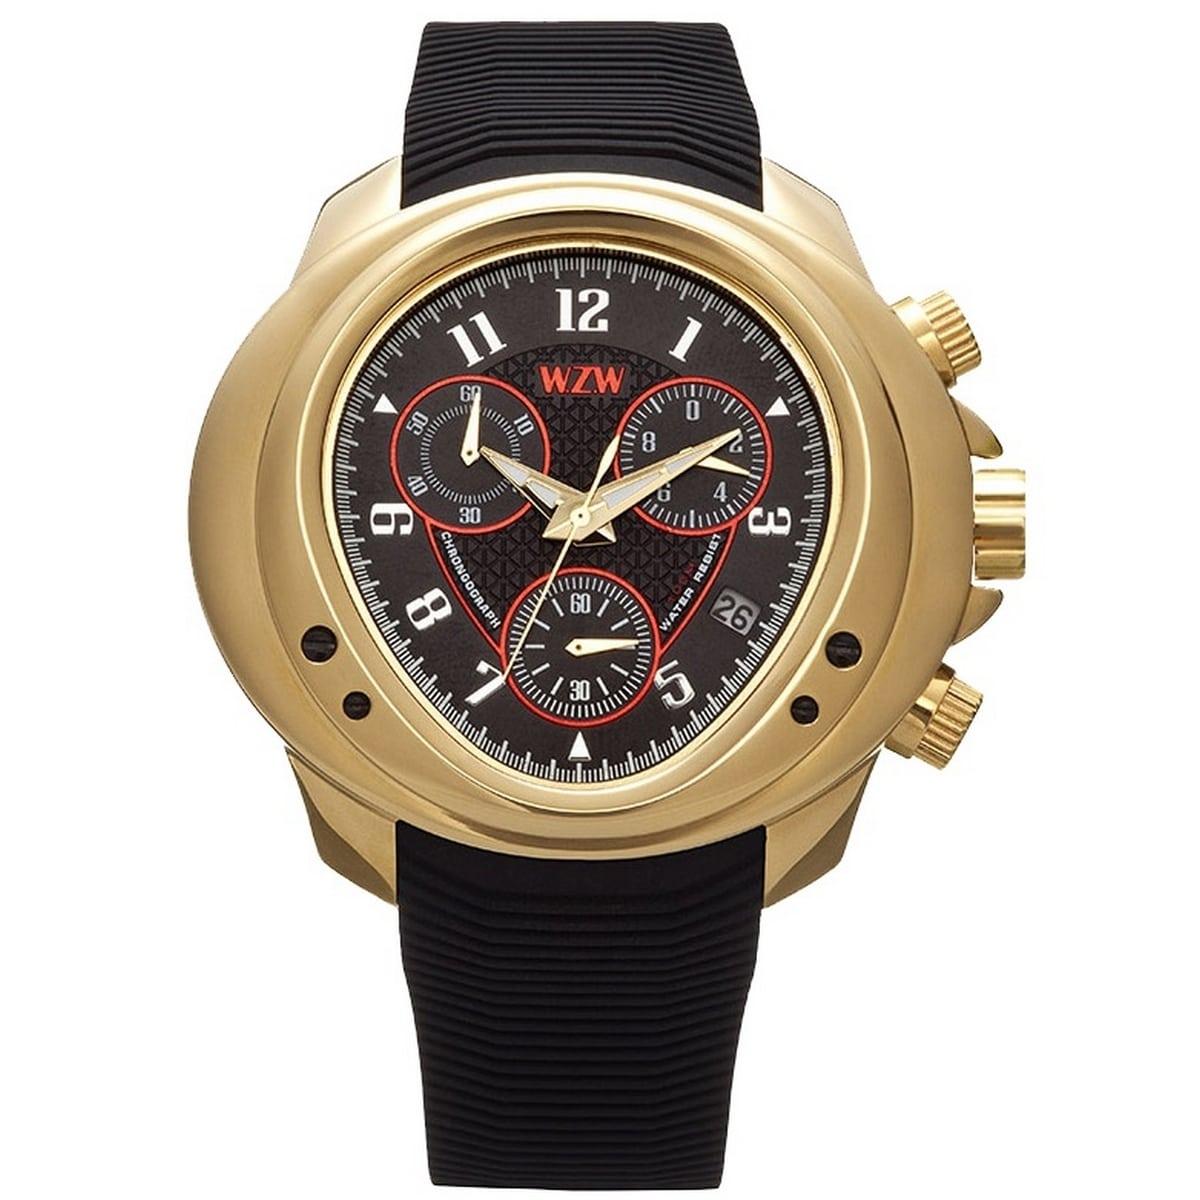 Relógio W.Z.W Masculino Cronógrafo Borracha Preto Big Case Esportivo WZW-7200